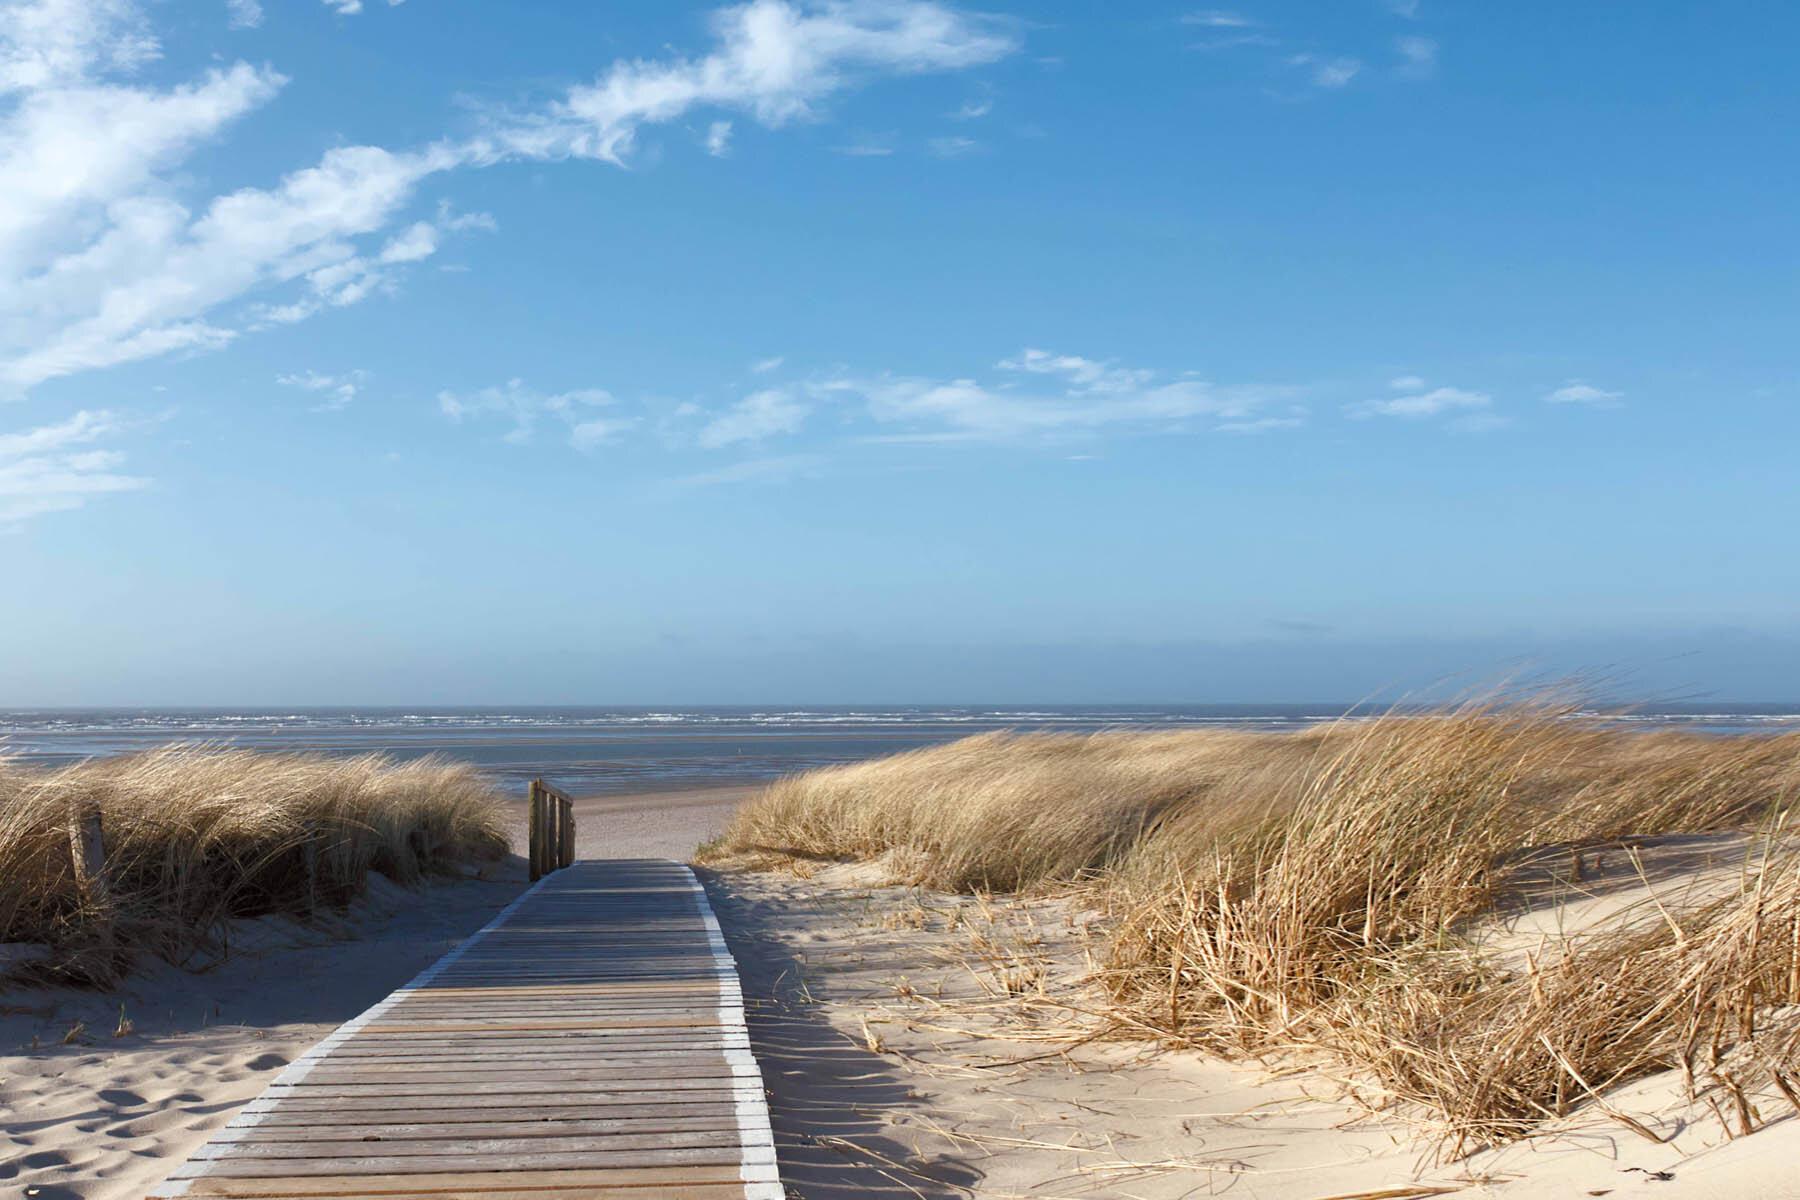 PlateART Duschrückwand mit Motiv Strand und Meer Steg Langeoog